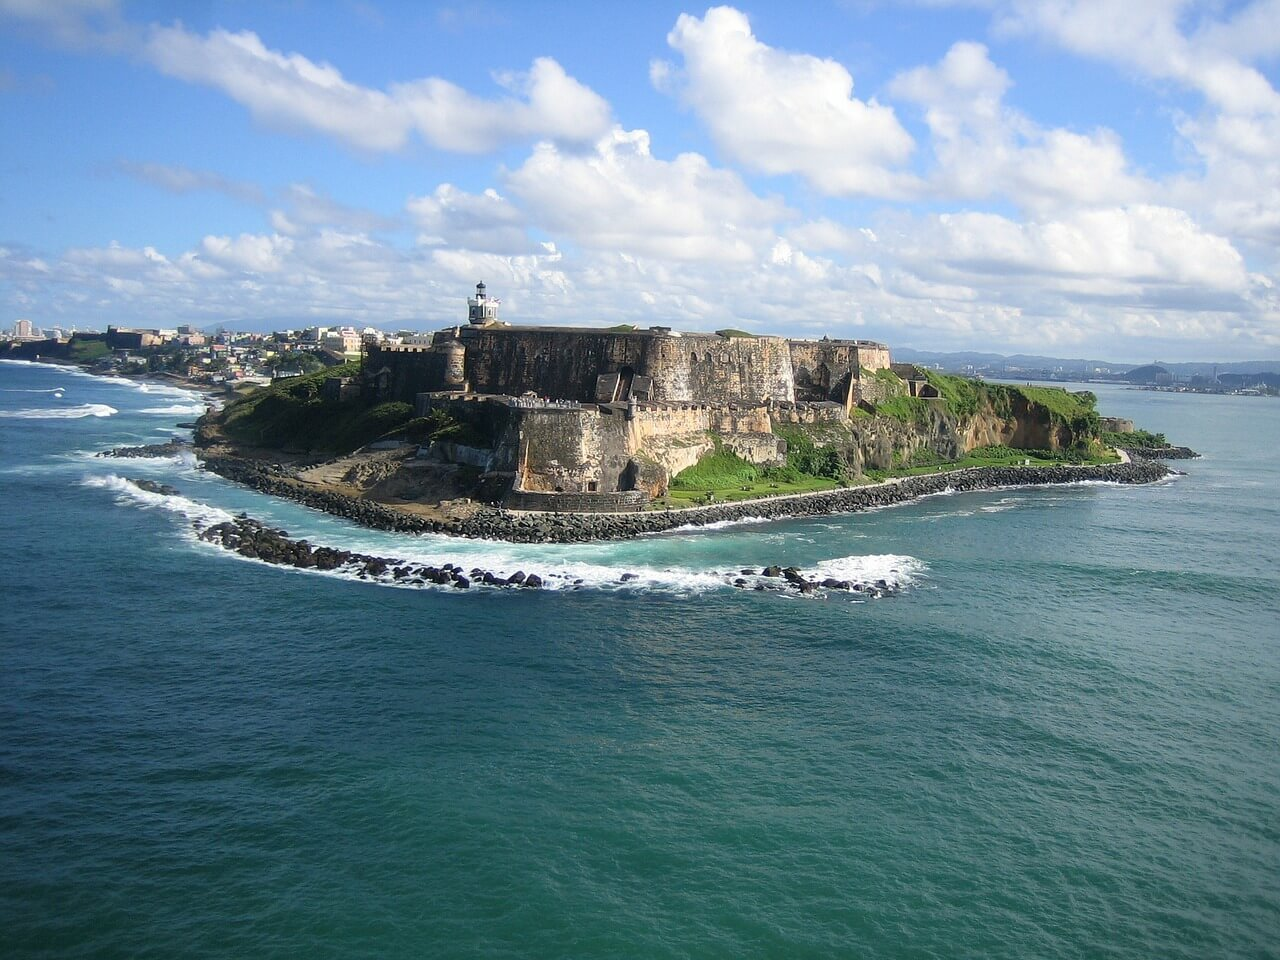 puerto-rico-143340_1280